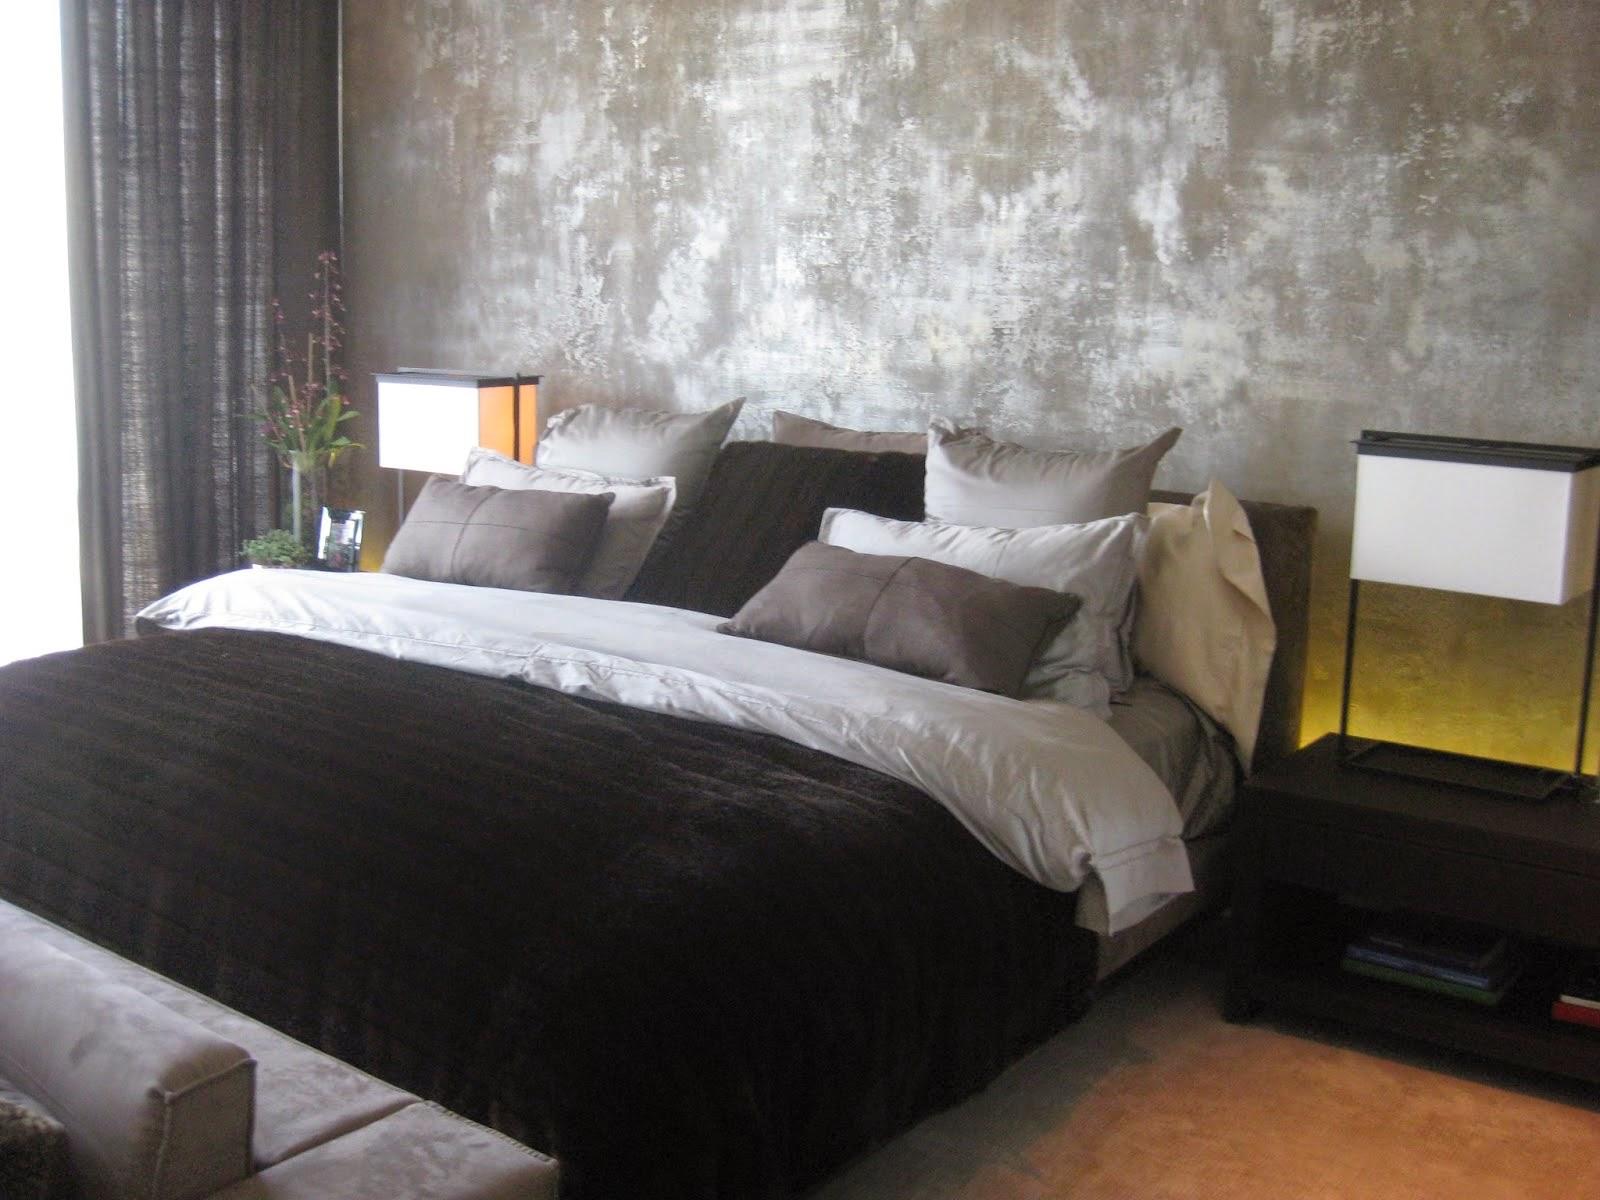 La Casa Bela Arquitetura: Concreto Aparente #996A32 1600x1200 Bancada Banheiro Concreto